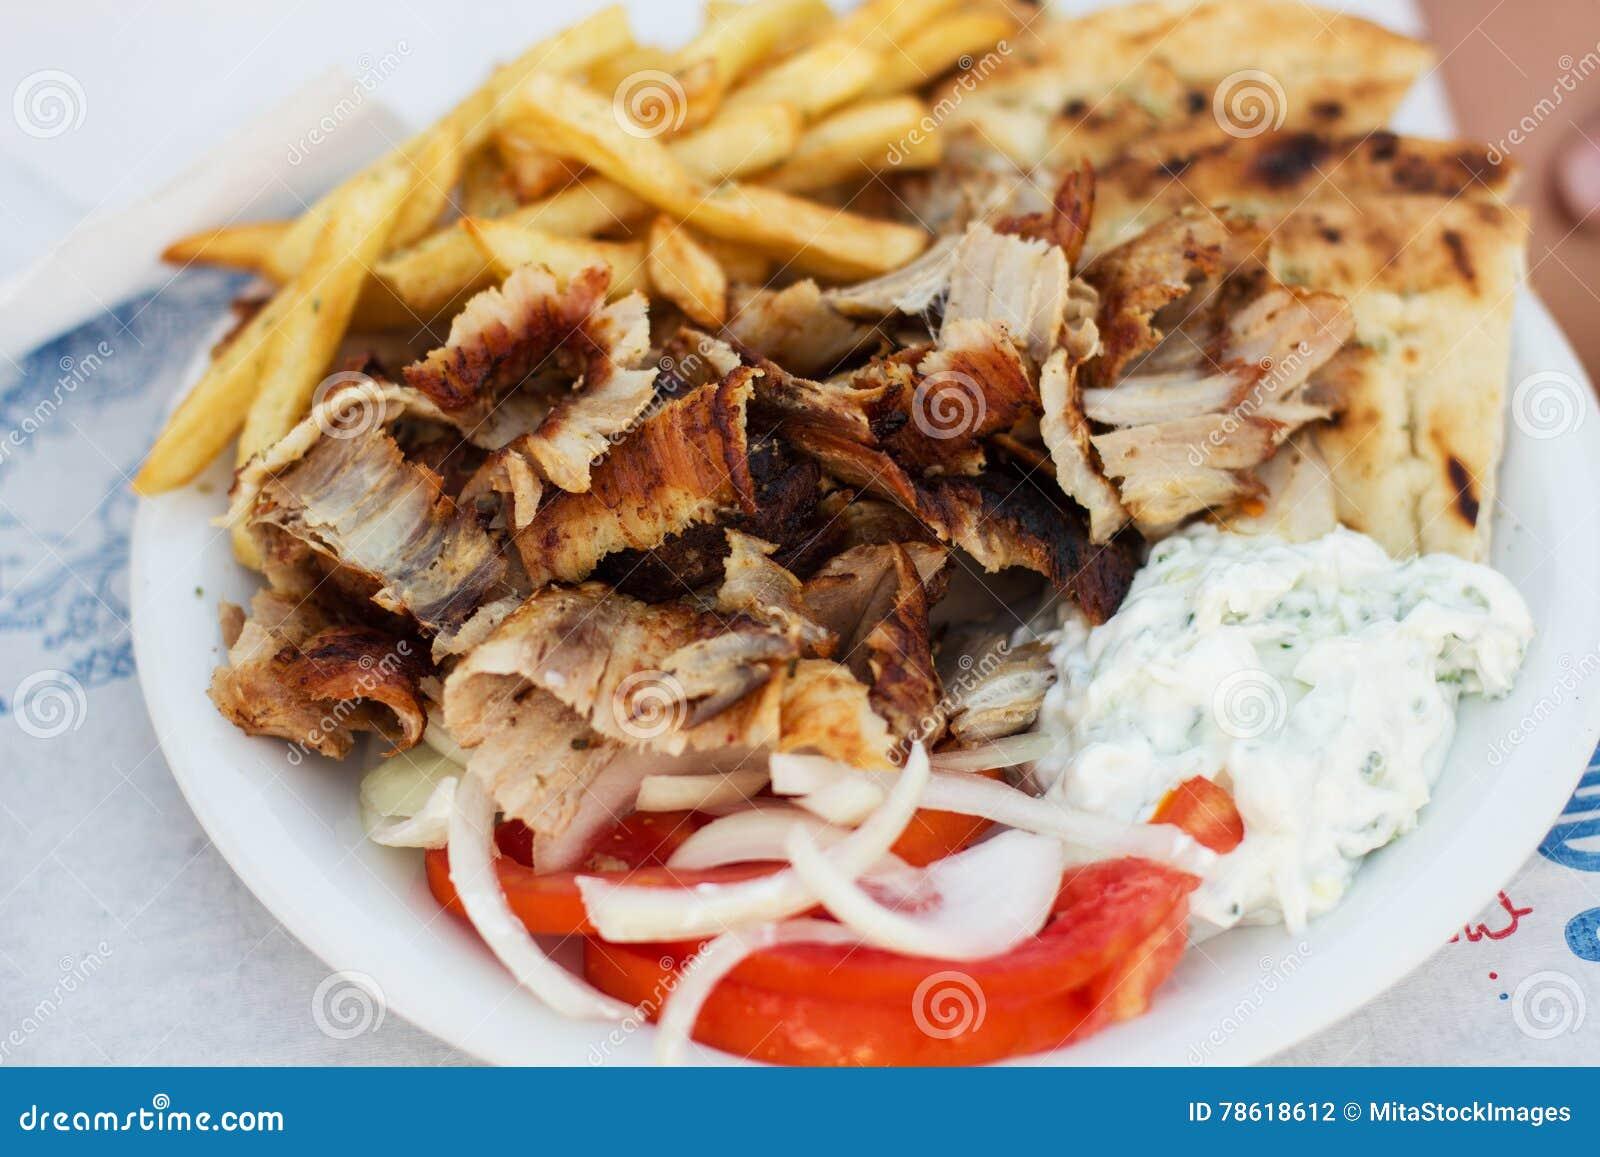 Greek Fast Food